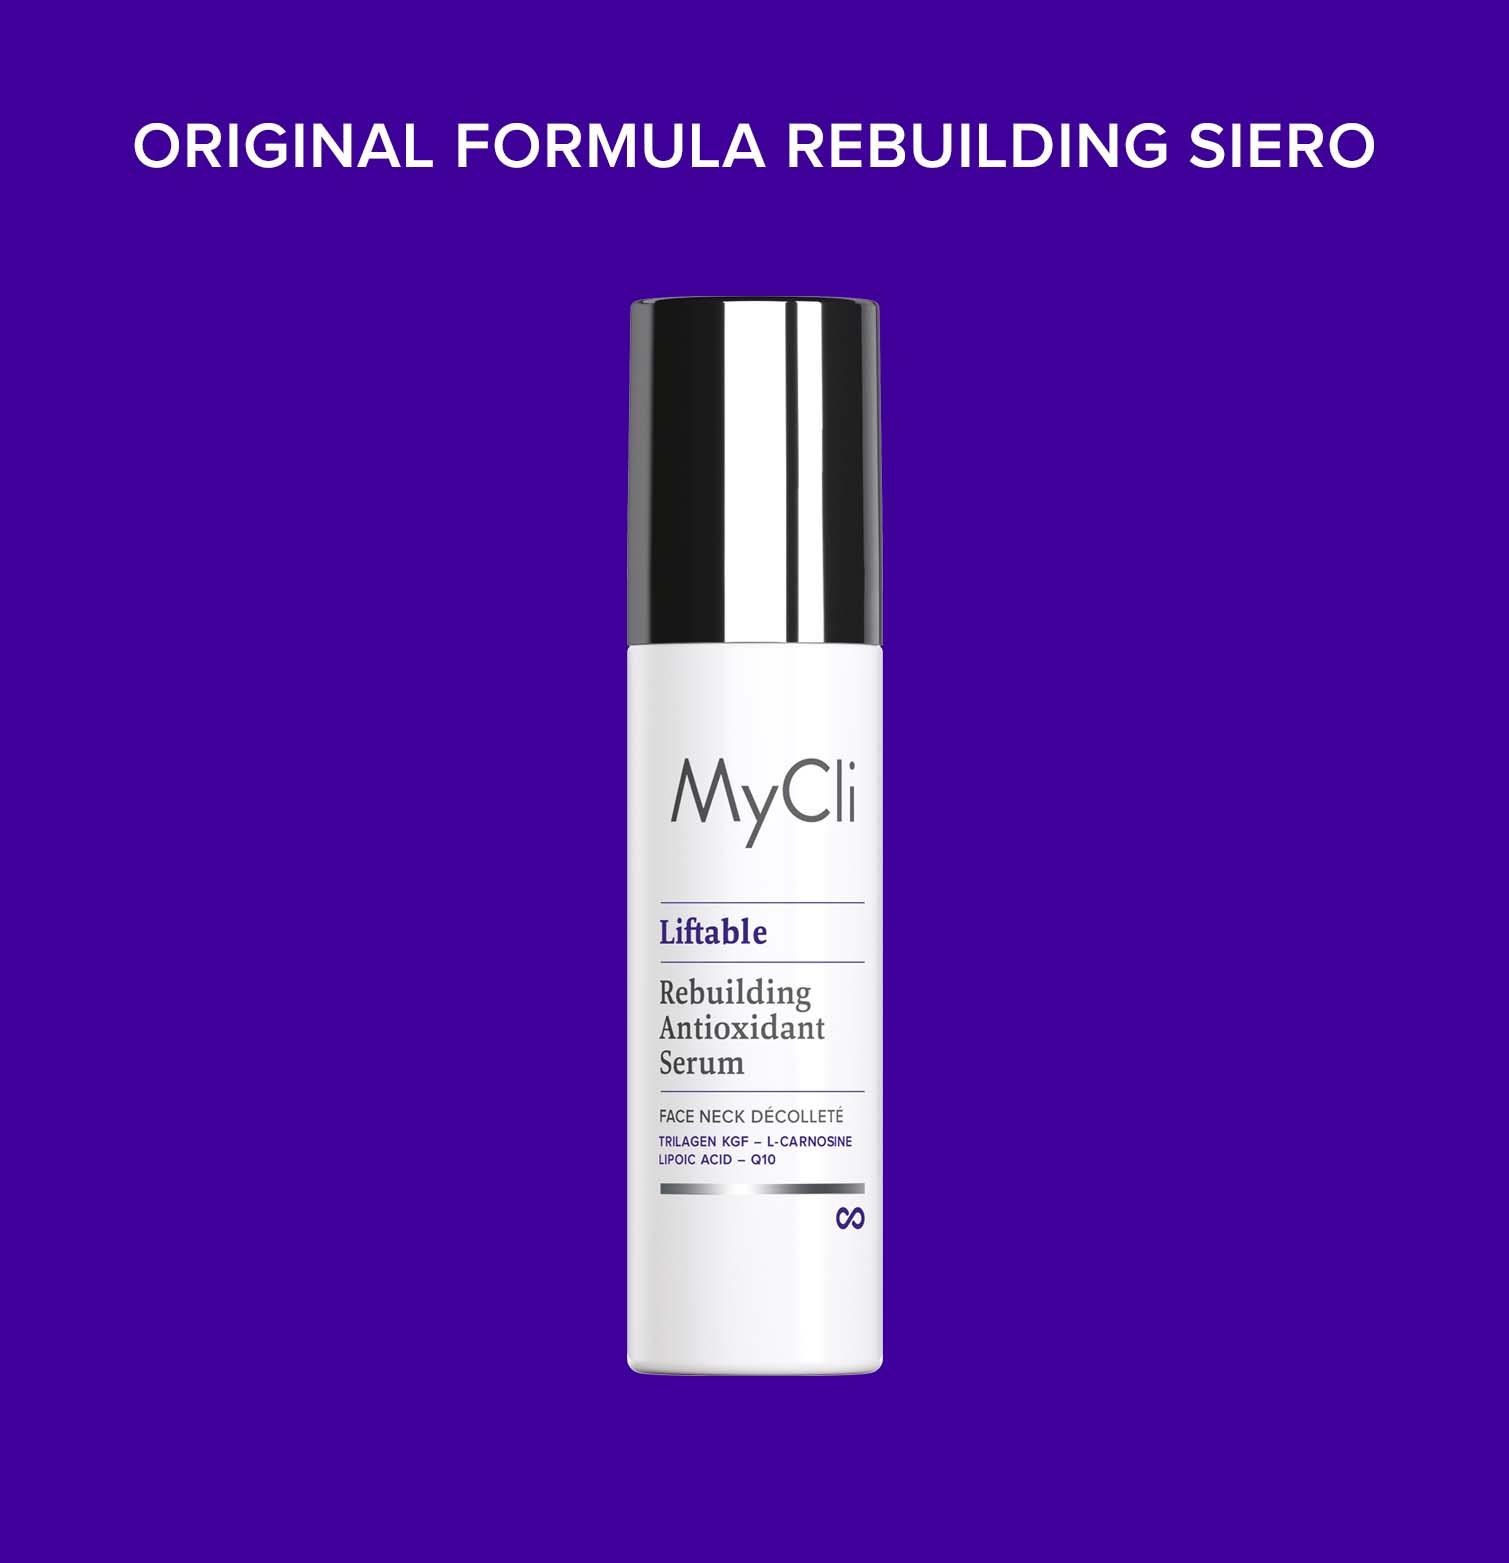 Liftable Rebuilding Siero Antiossidante 50 ml - VISO COLLODÉCOLLETÉ